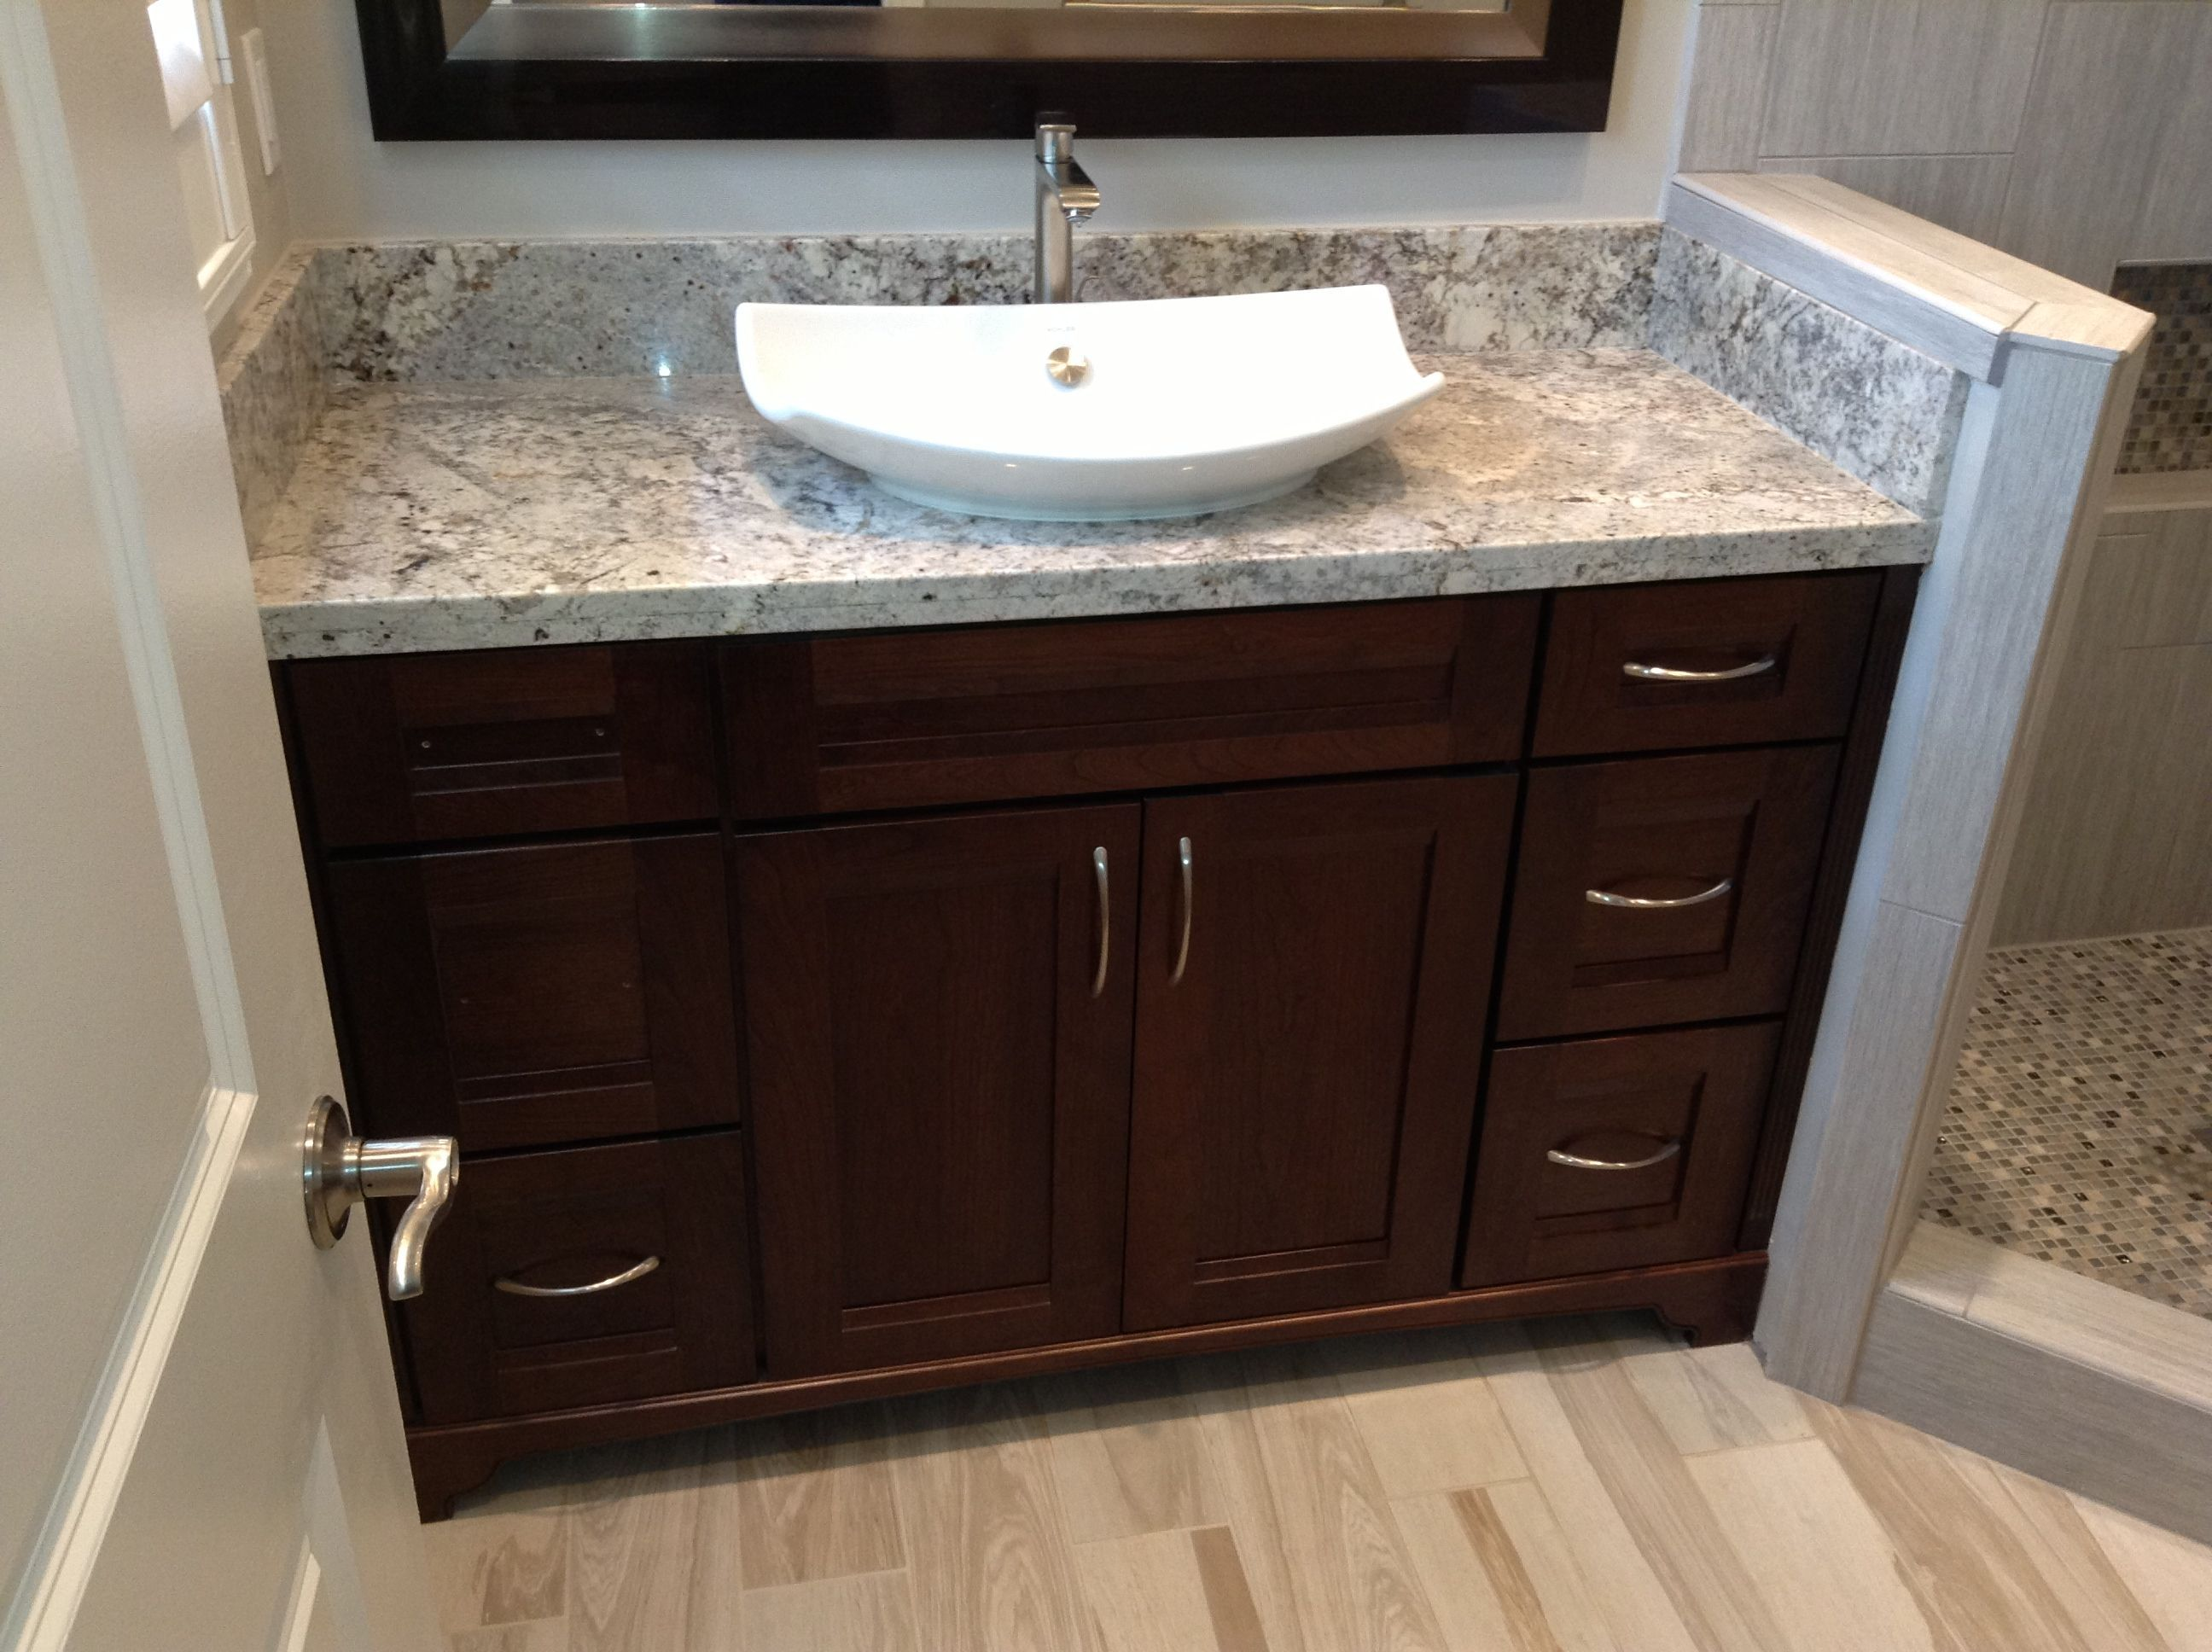 Beautiful Dark Wood Vanity With Granite Countertop And